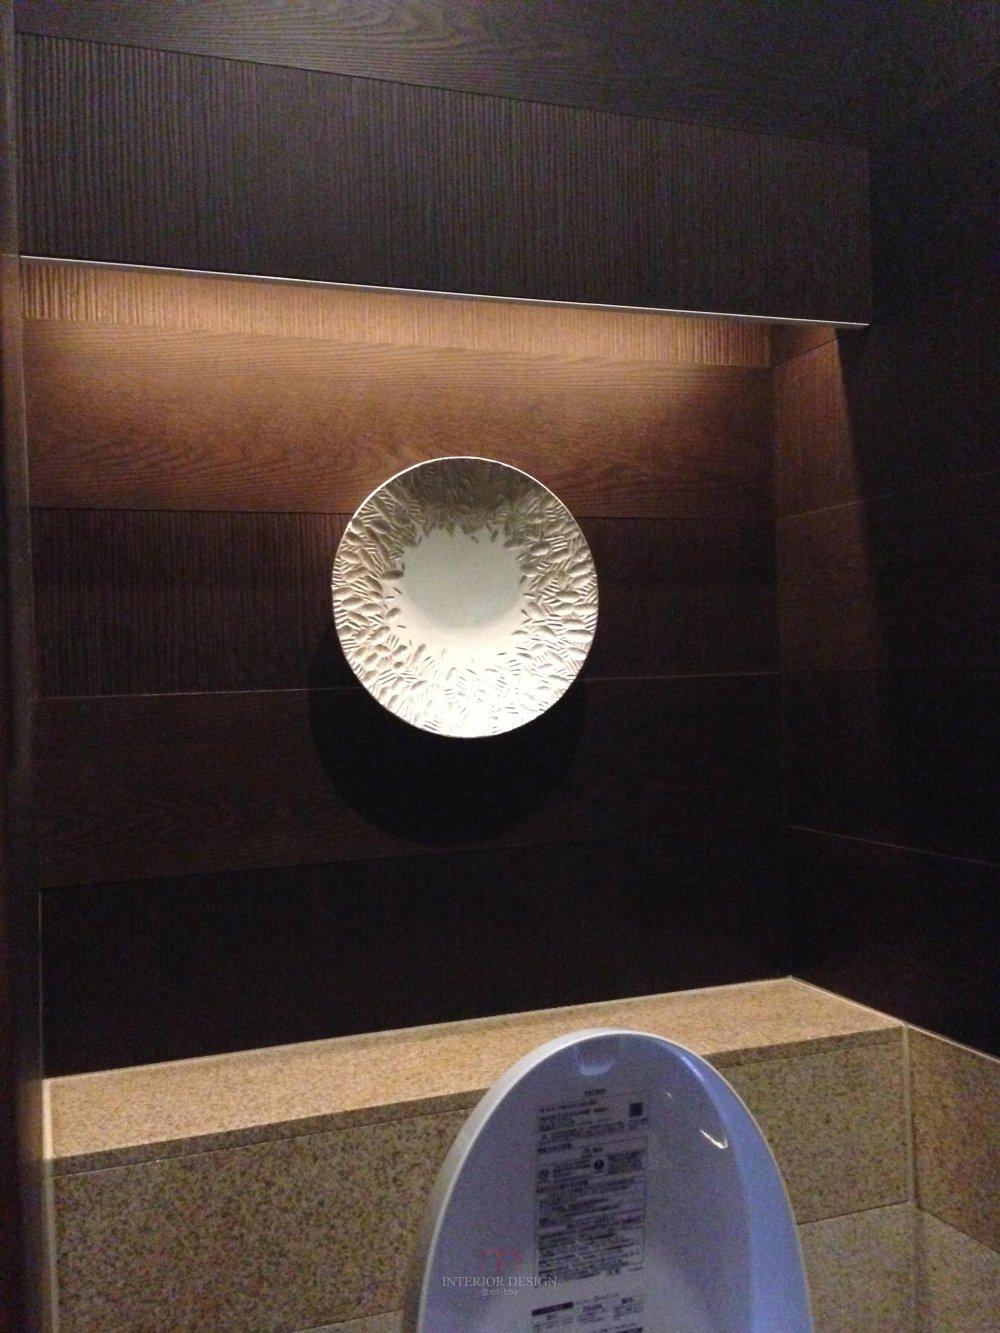 #伙伴一起看日本#  日本设计考察分享(更新美秀美术馆)_IMG_4844.JPG